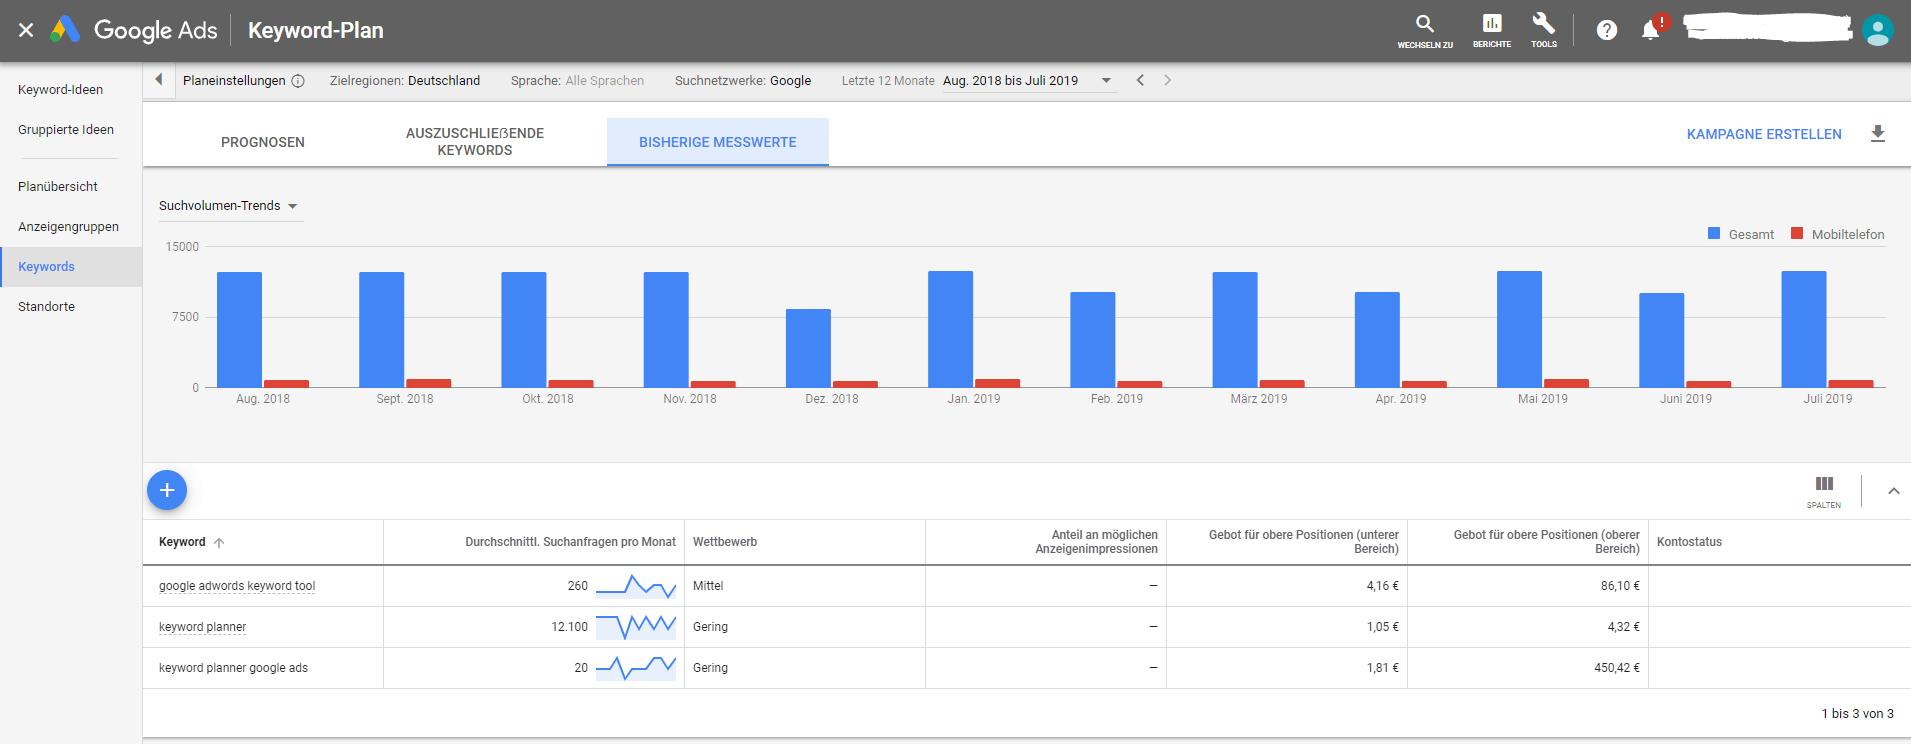 Bisherige-Messwerte-Keyword-Tool-GoogleAds